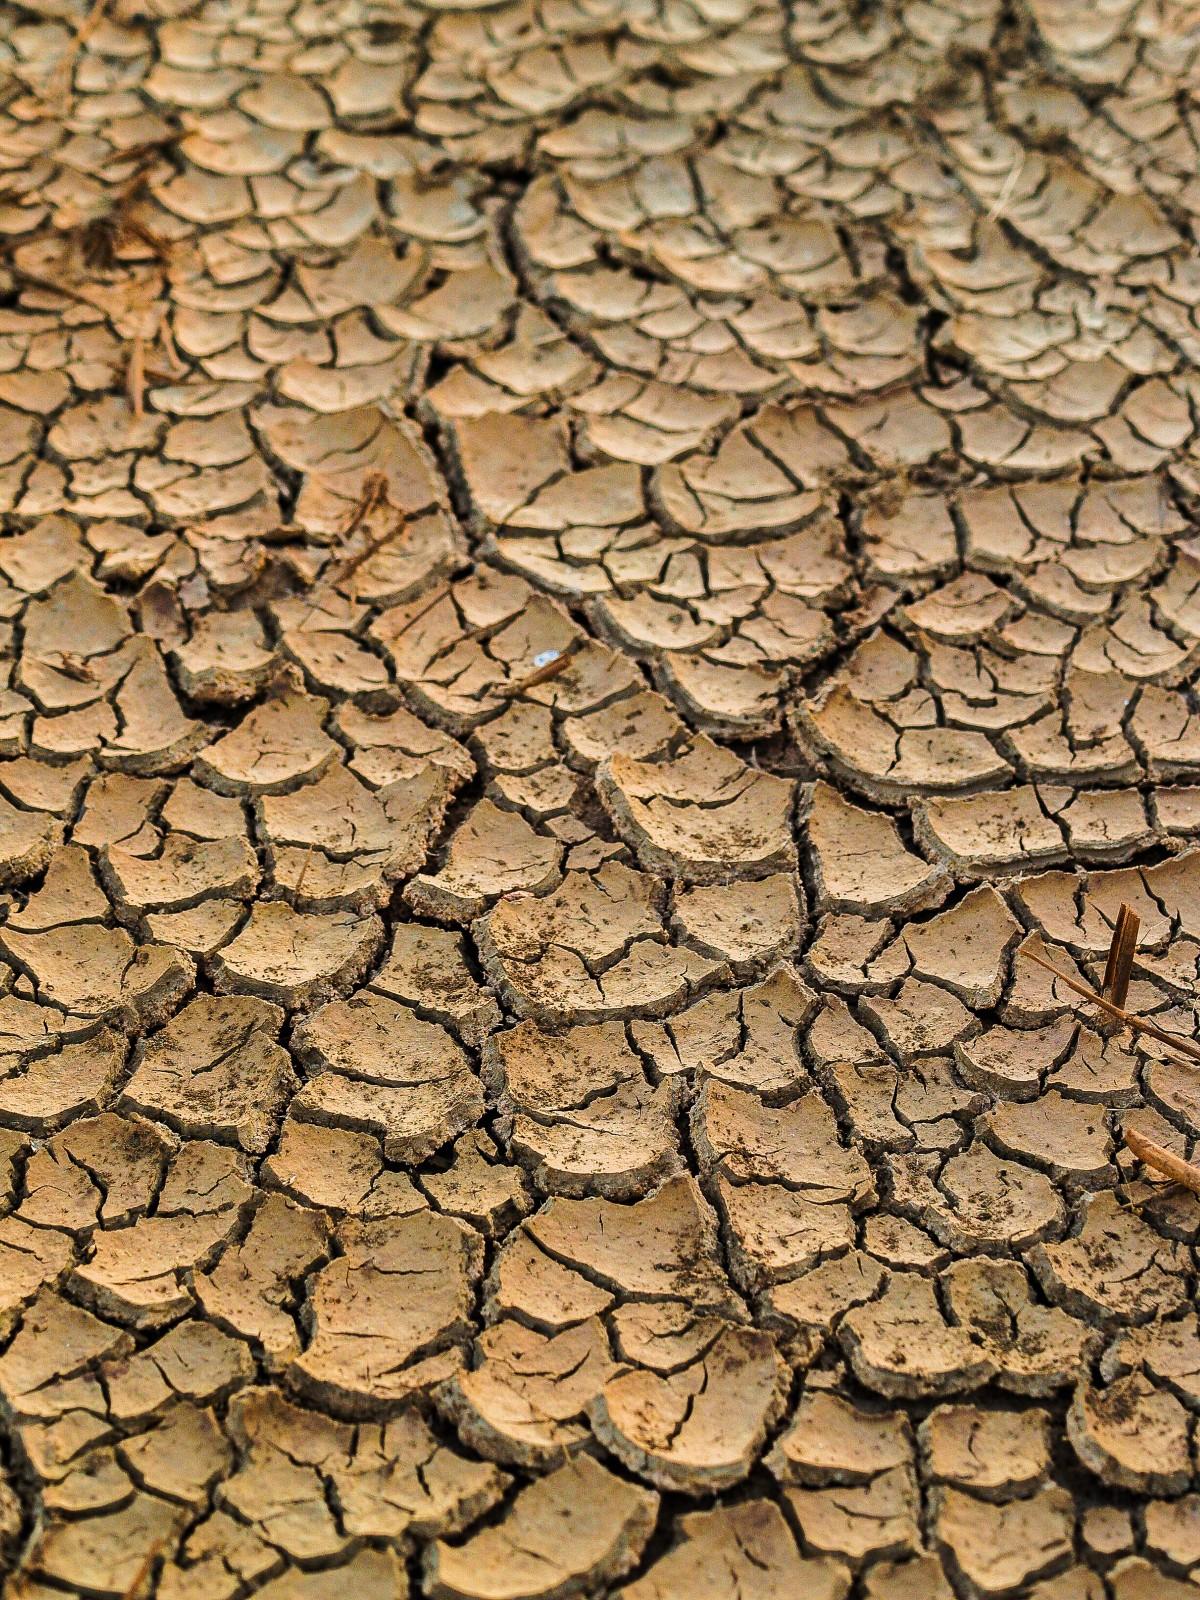 abstrait aride Toile de fond Contexte marron argile climat fermer fissure désert détail saleté sale sécheresse sec poussière Terre environnement érosion extrême sol Grunge chaleur chaud boue Naturel la nature modèle Playa sol été surface texture Texturé fond d'écran échauffement